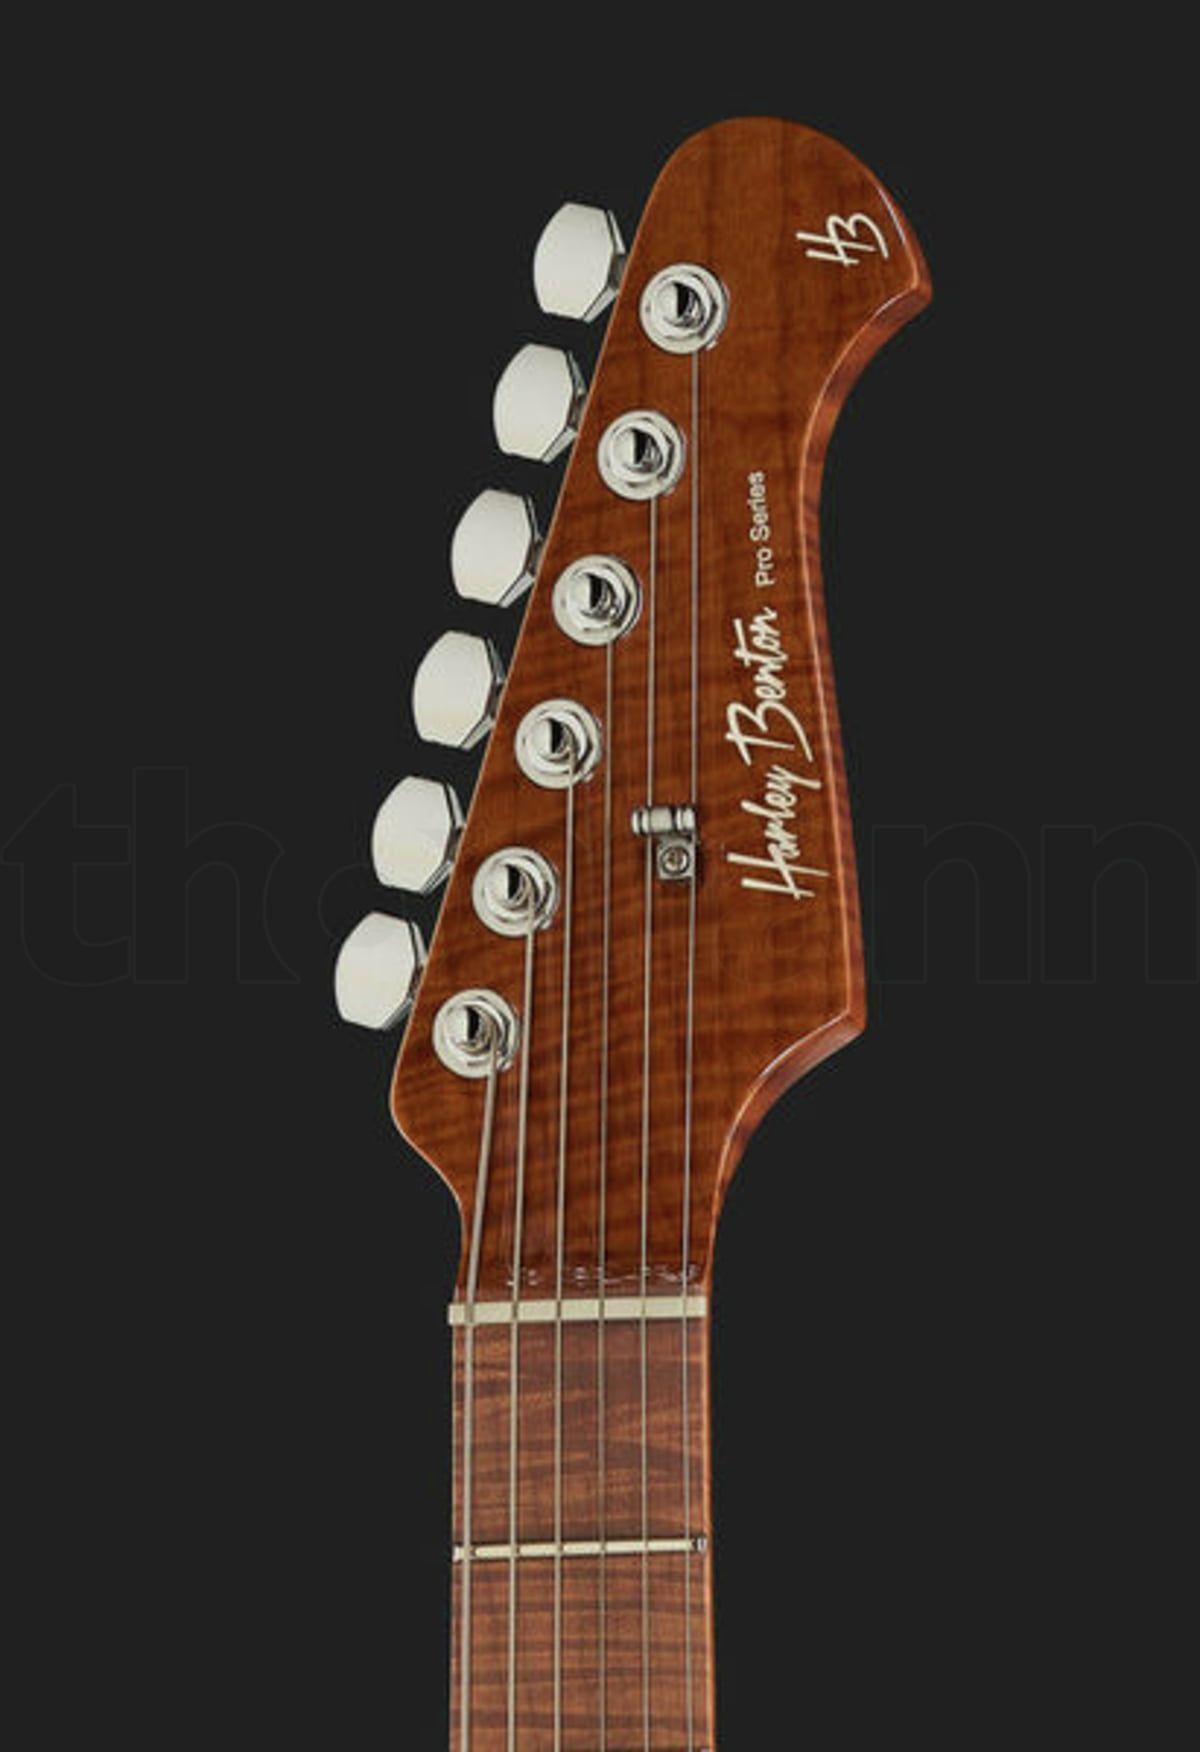 Harley Benton Fusion Ii Hsh Roasted Fbb Benton Guitar Harley